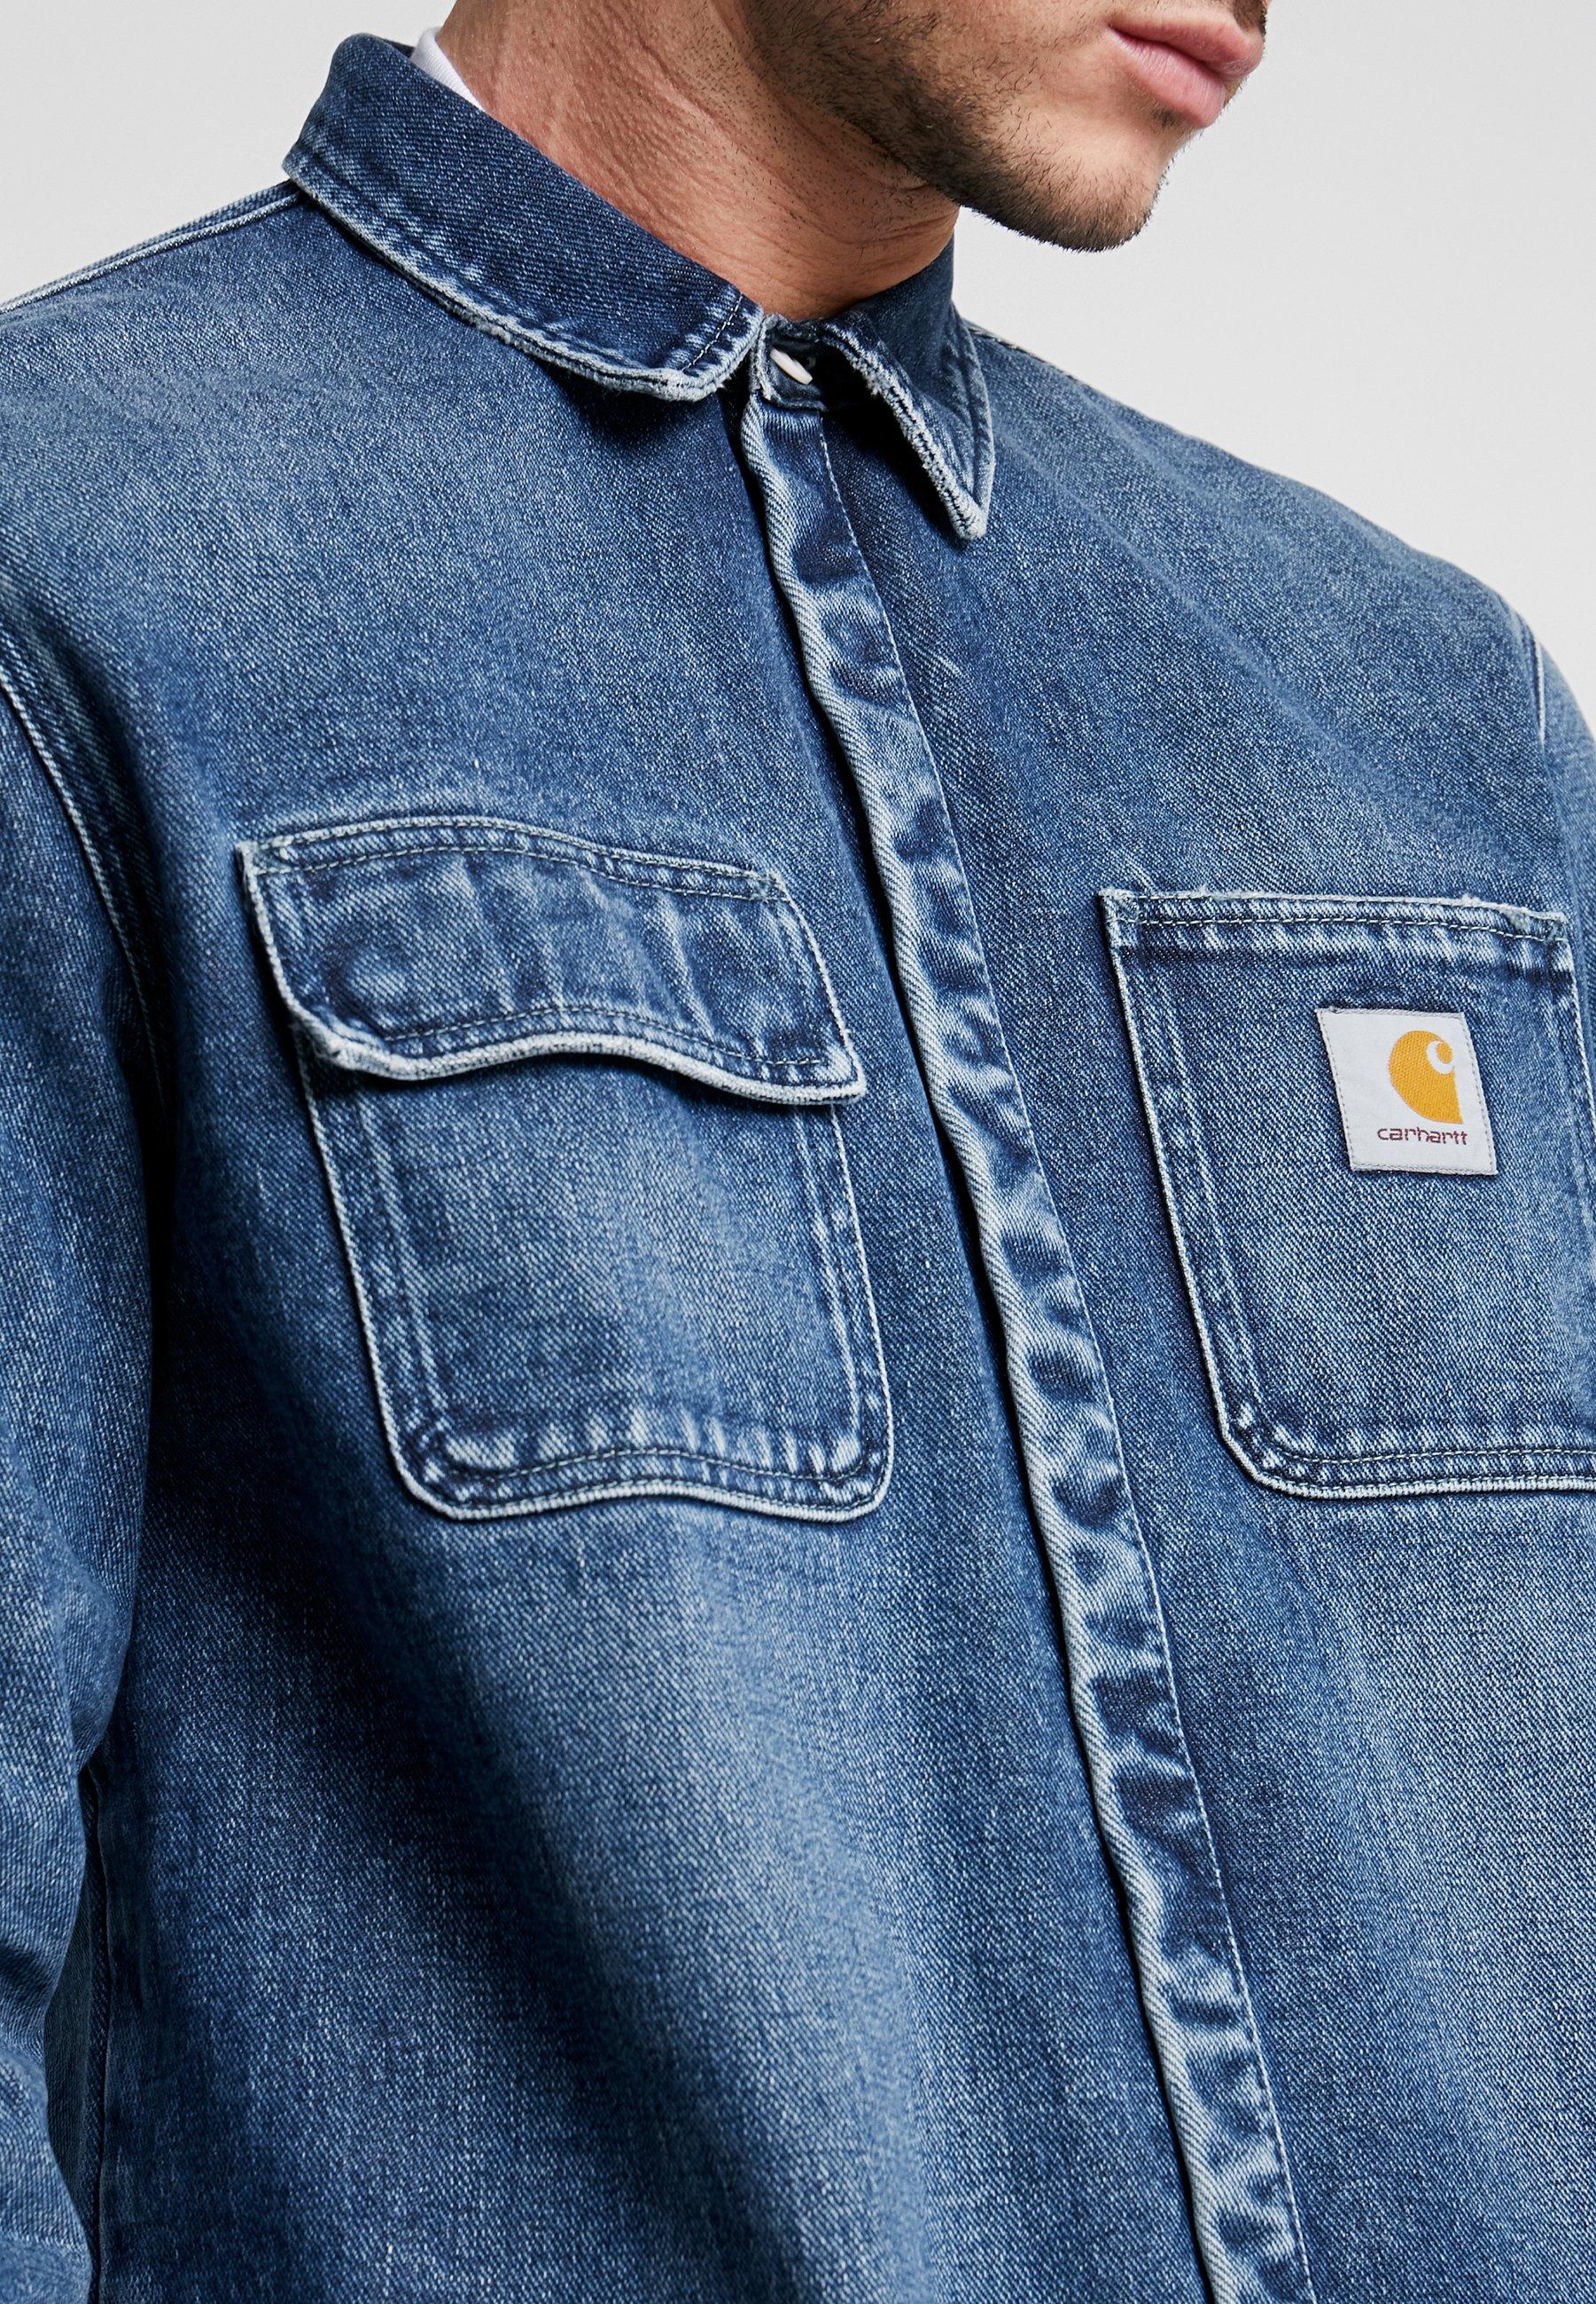 Carhartt WIP SALINAC MAITLAND - Koszula - blue mid worn wash